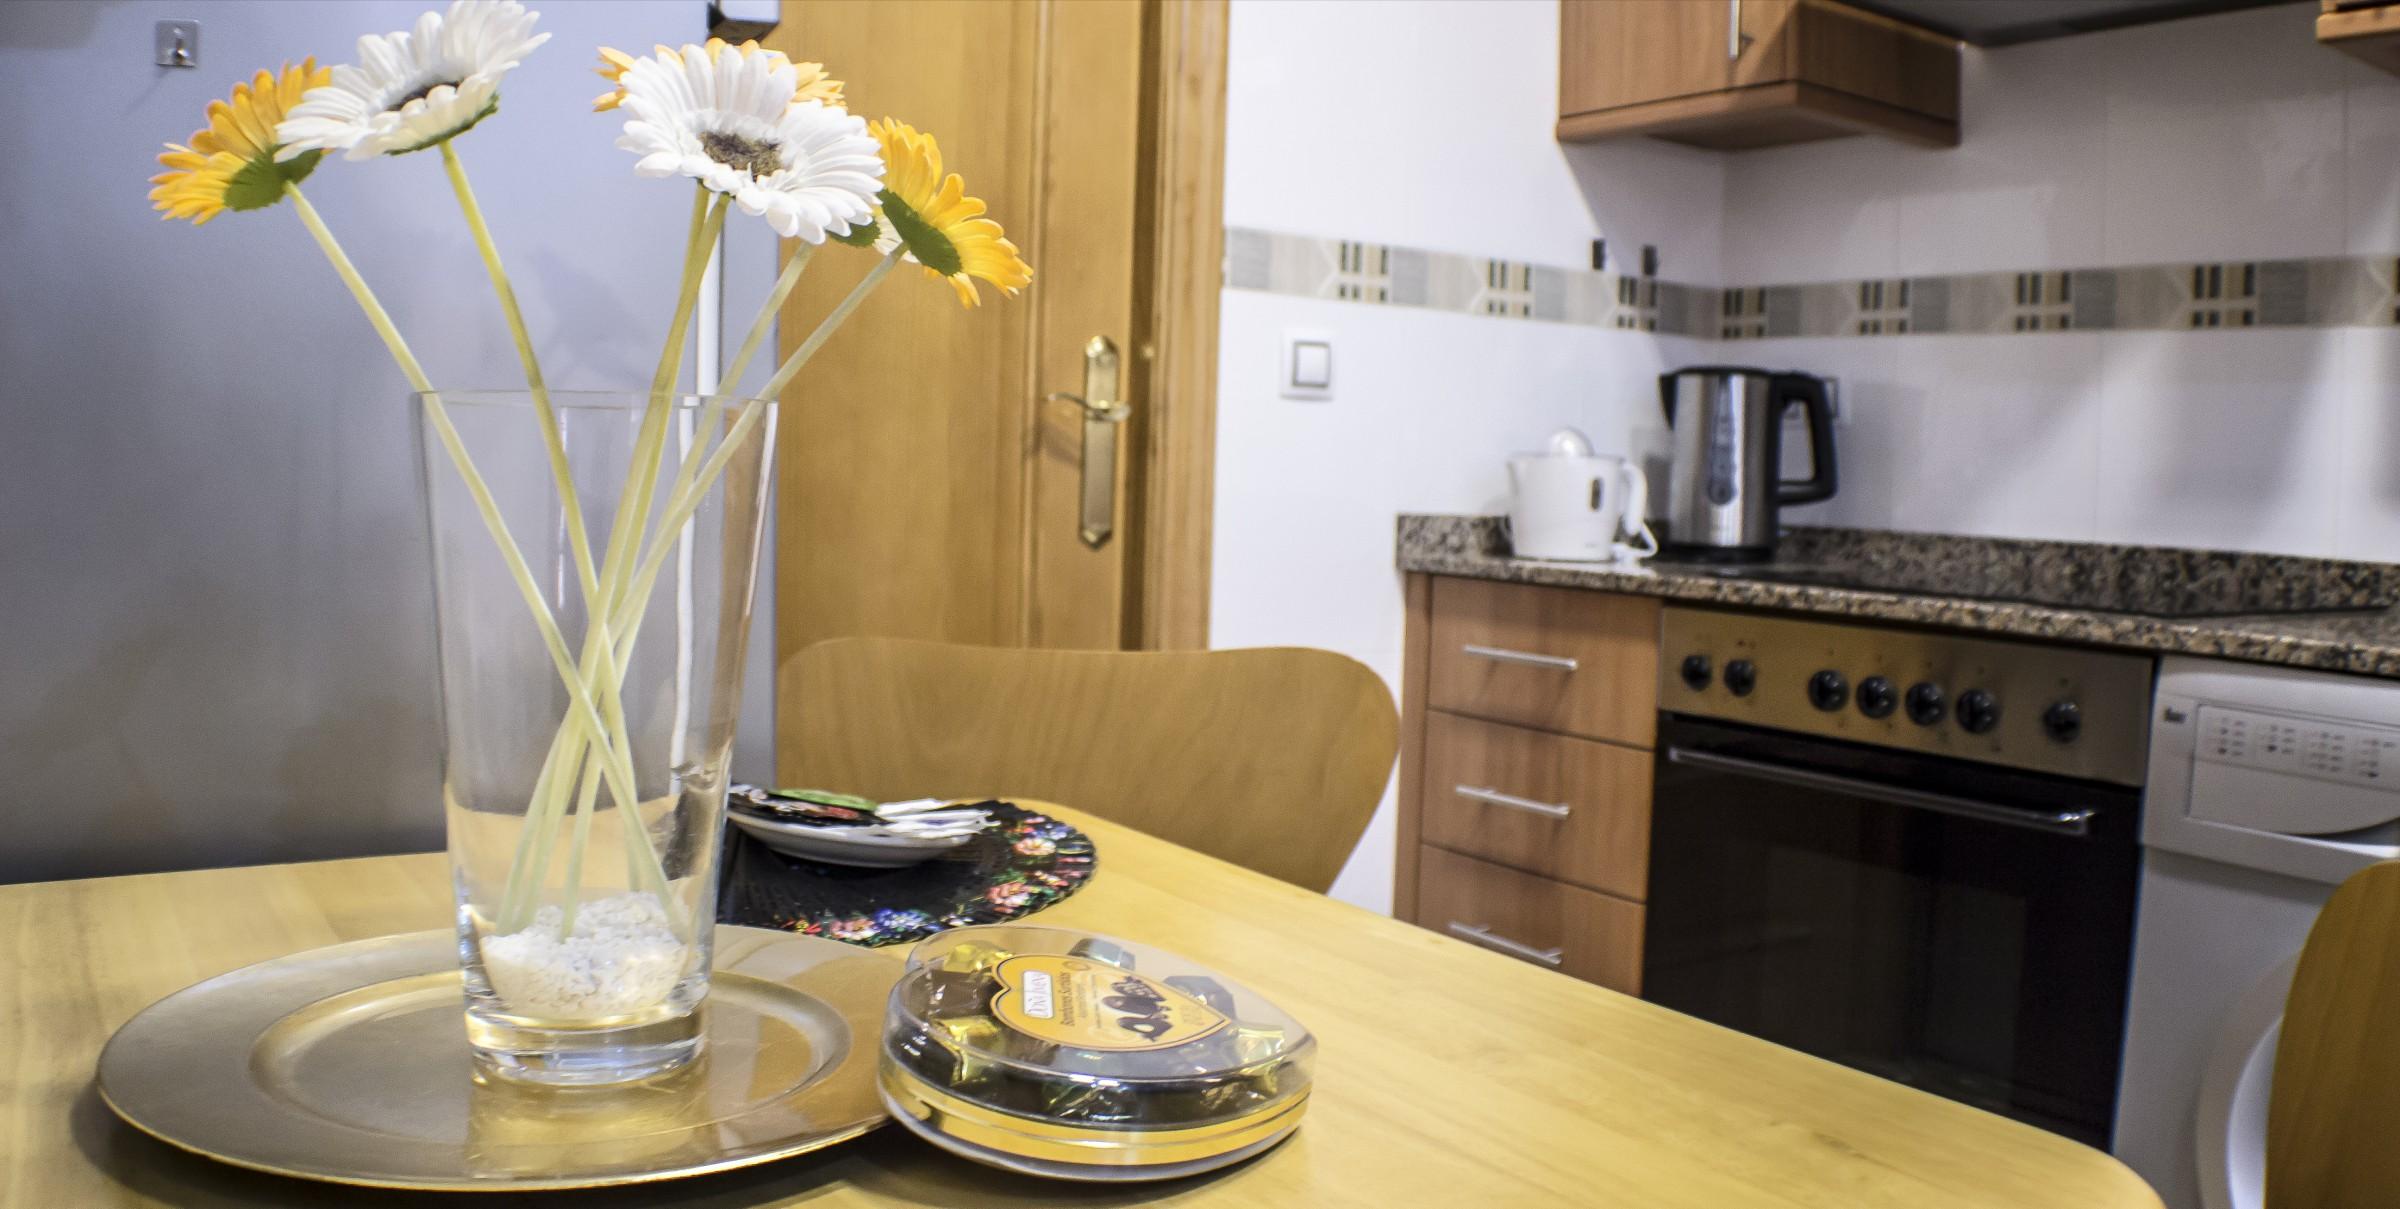 Apartamento Valencia Center alquiler por días